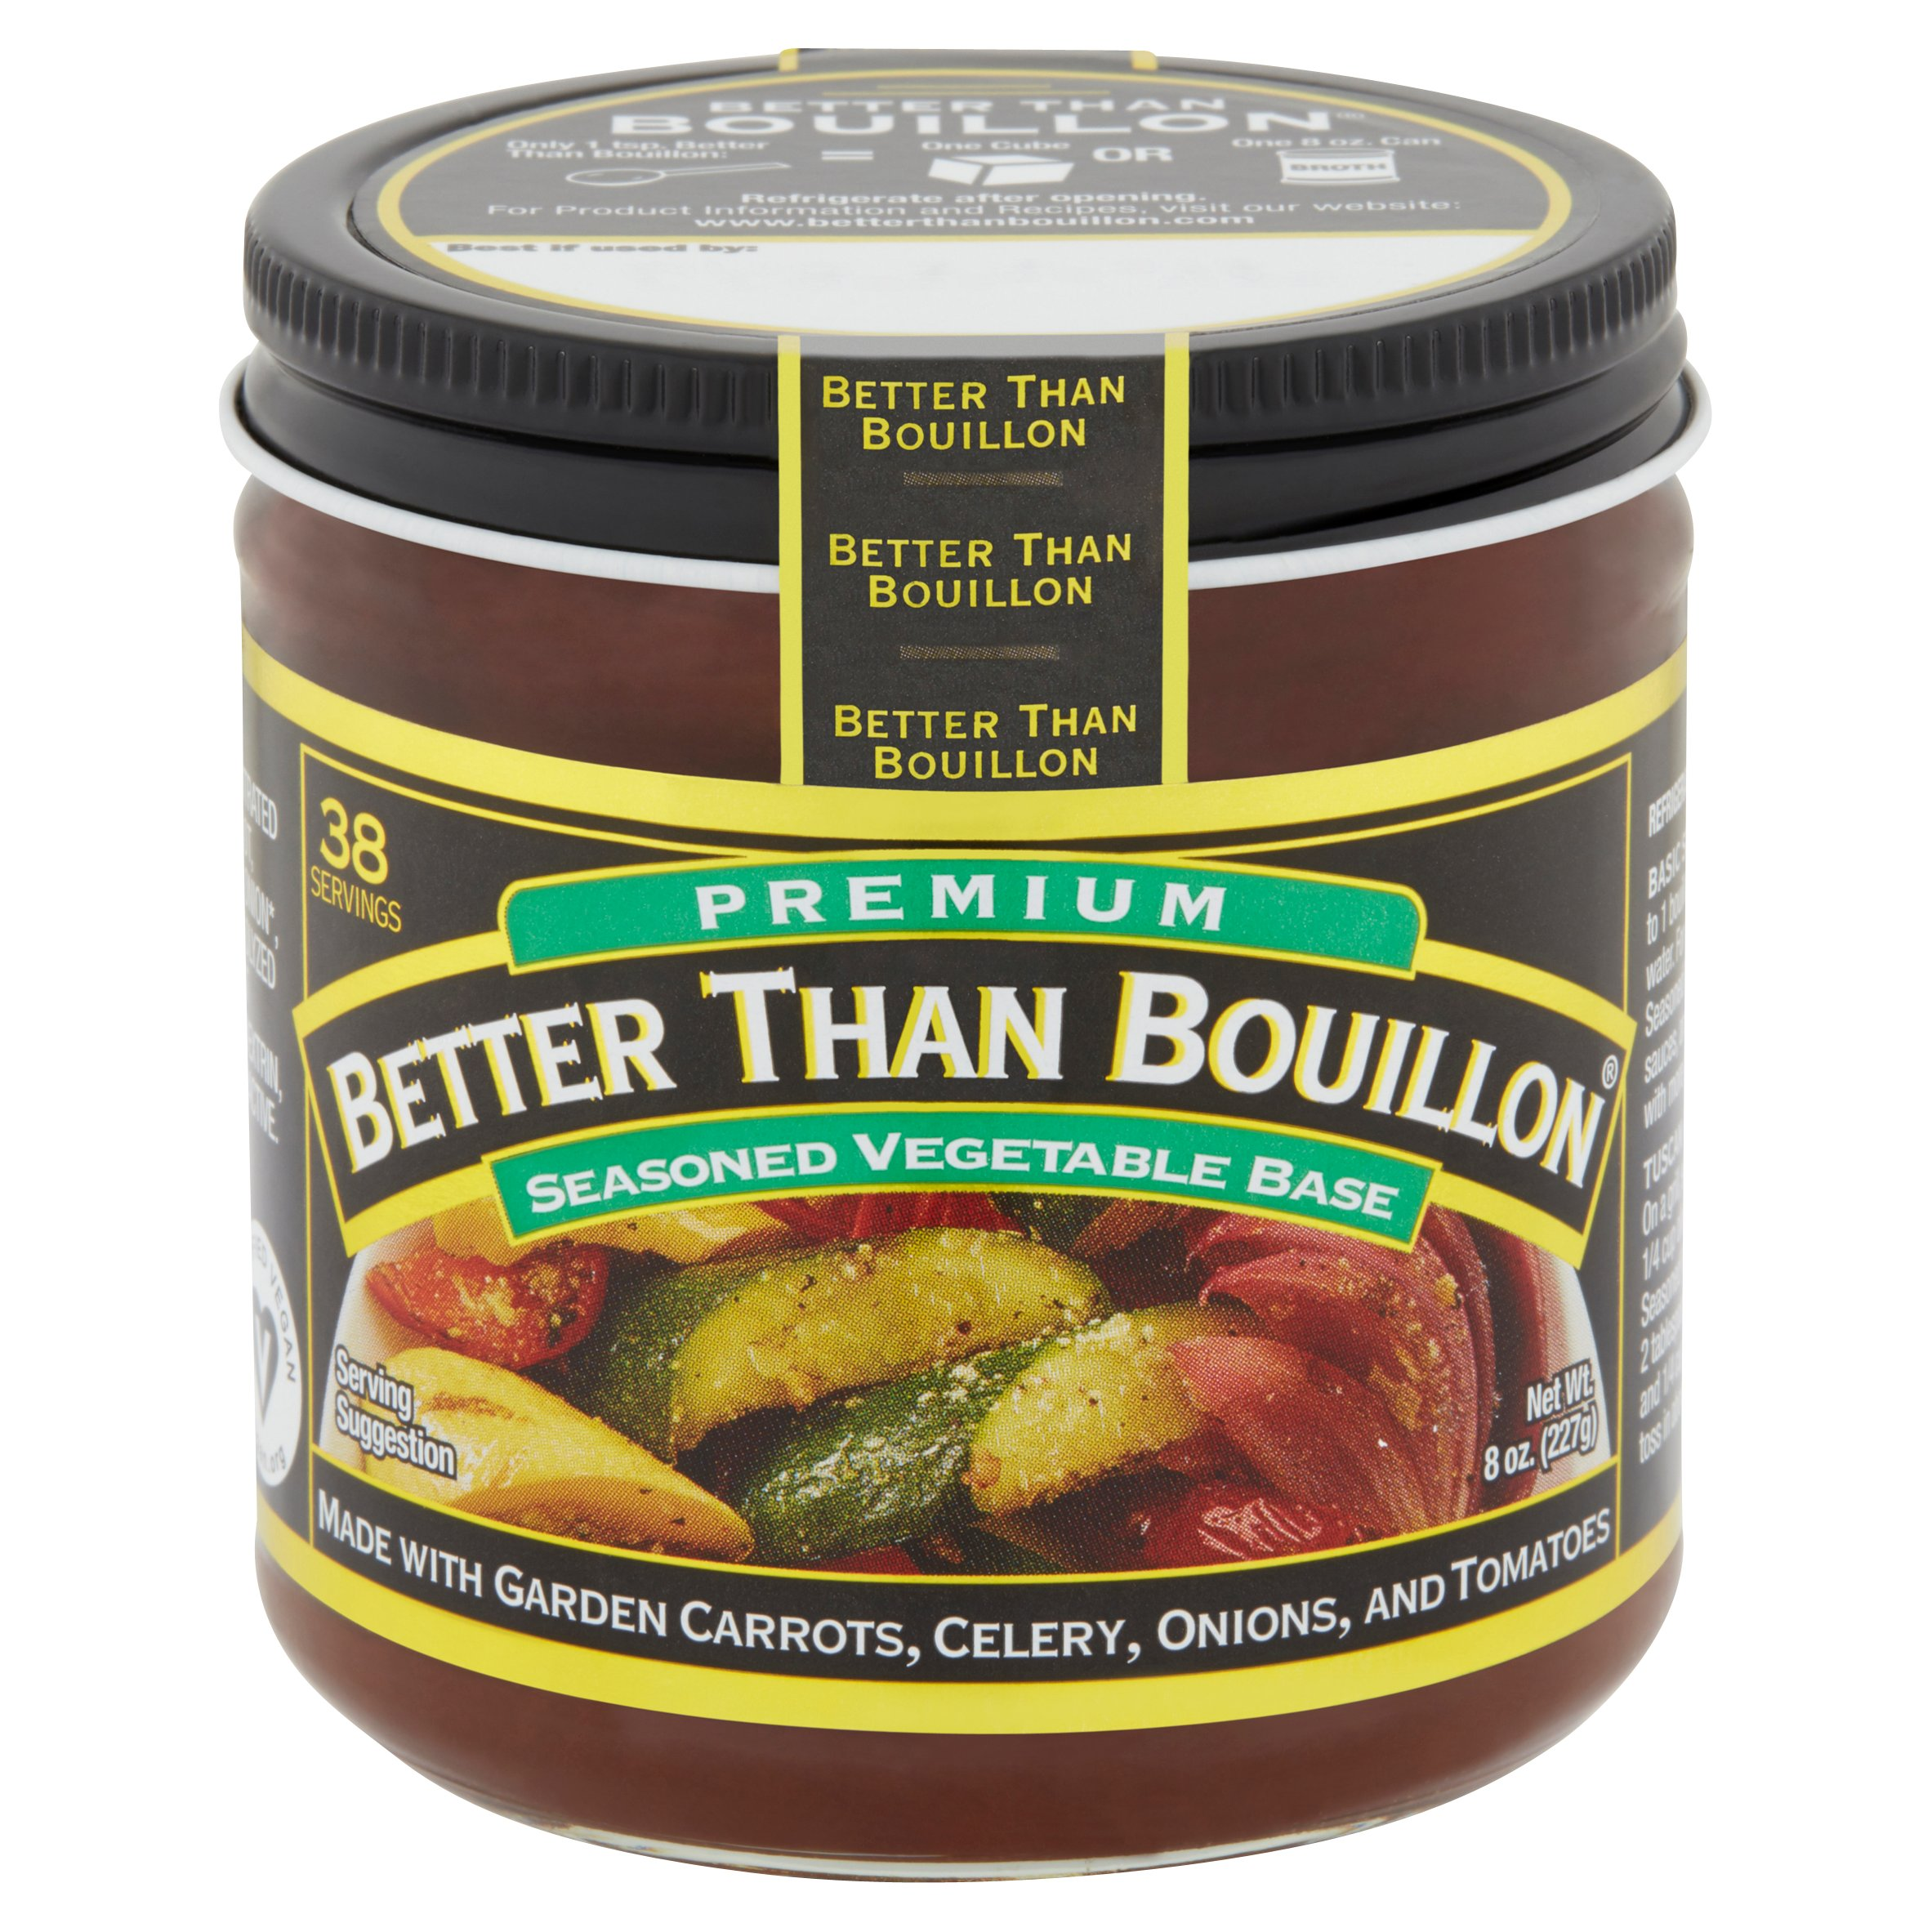 Better than Bouillon Premium Vegetable